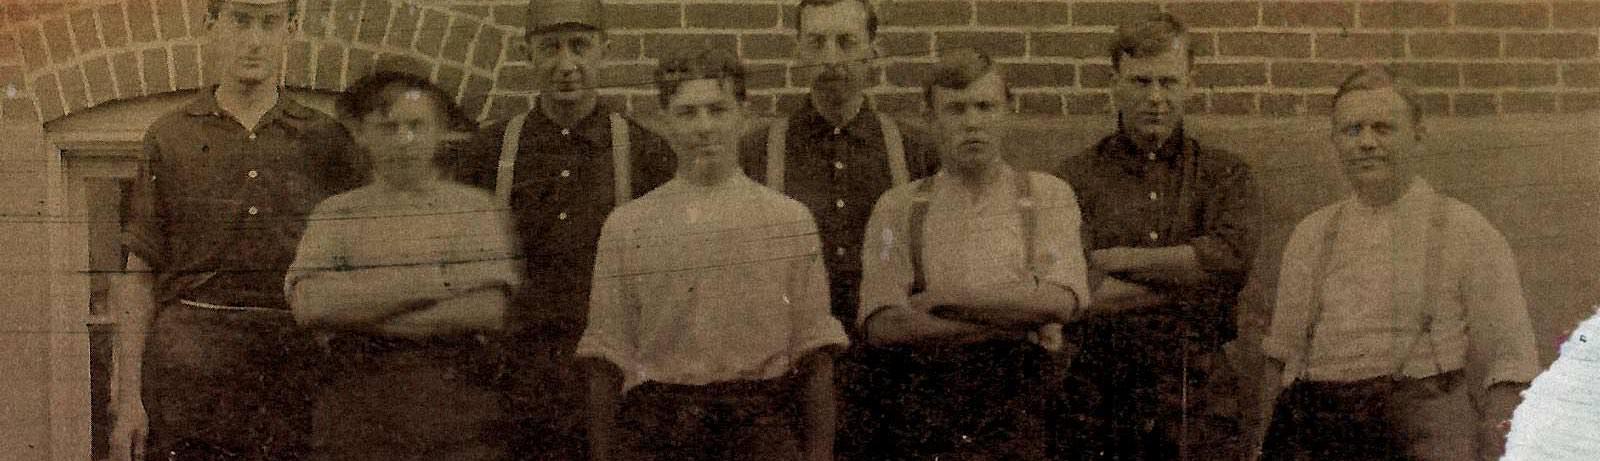 saucony-historia-trabajadores